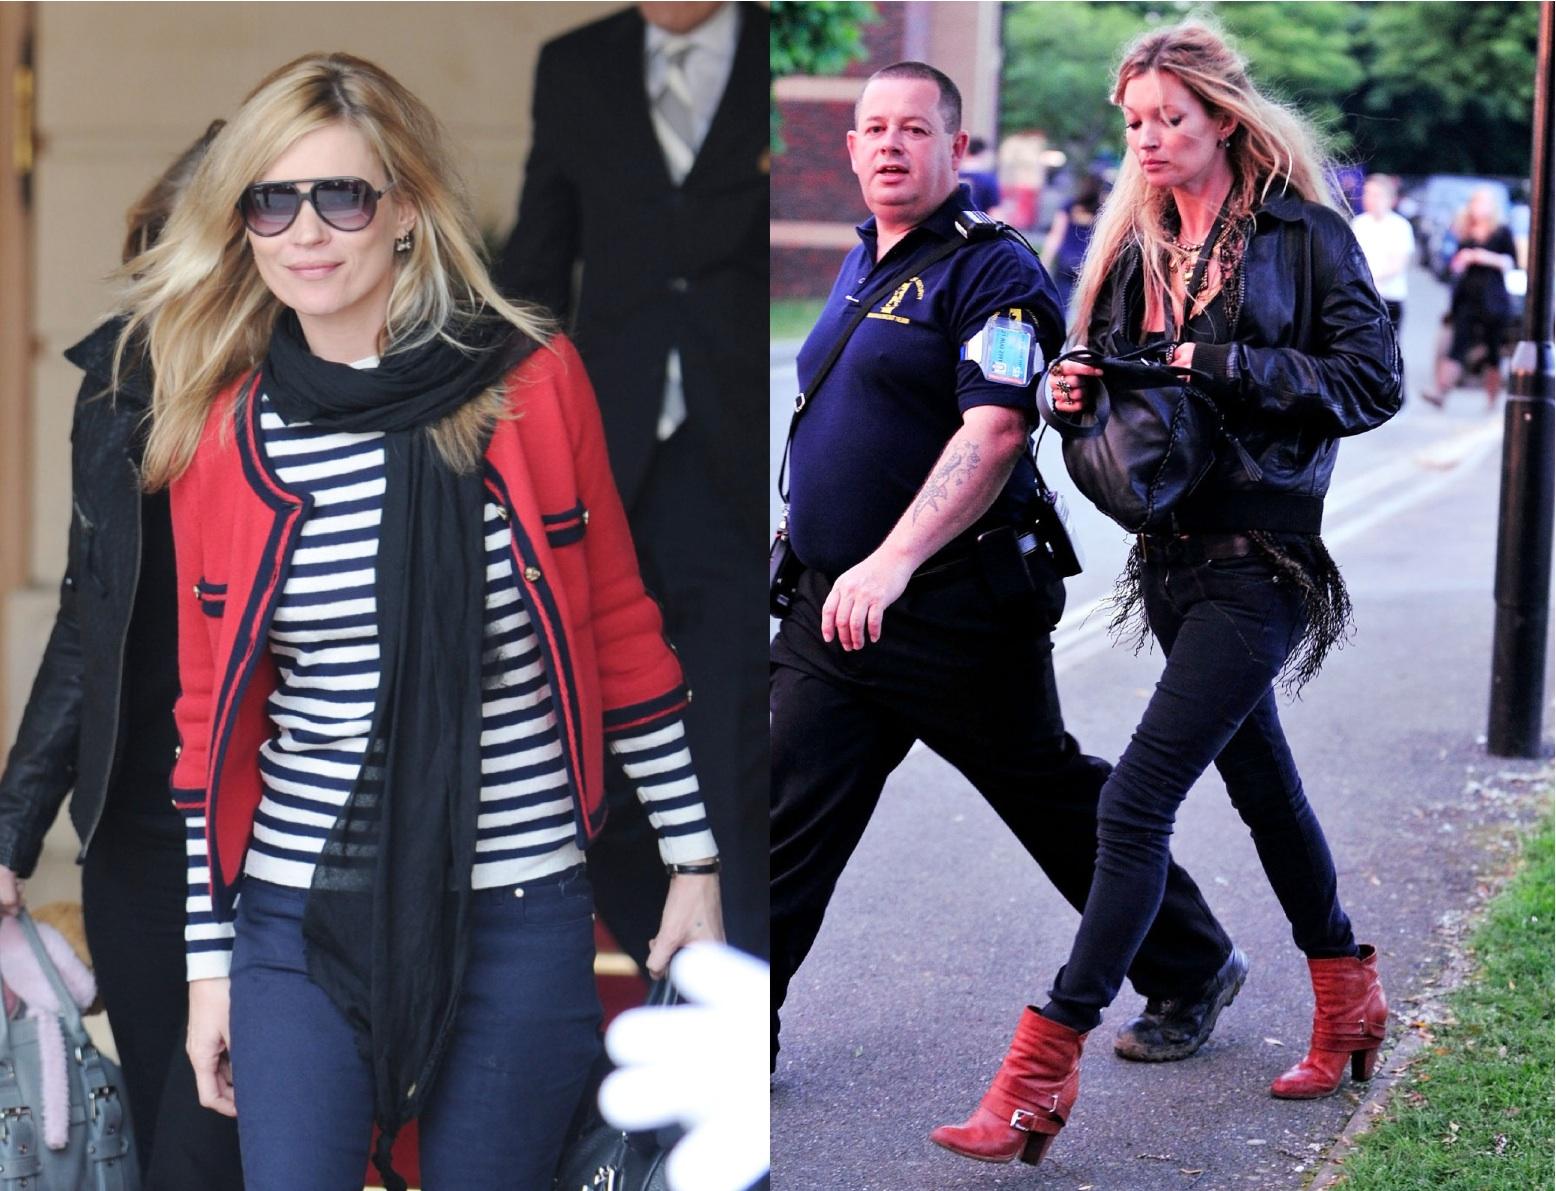 http://4.bp.blogspot.com/_PfmV3qvy8FY/TRvBdJvzrRI/AAAAAAAAAqo/zhWOviLJJ5Q/s1600/la+modella+mafia+Kate+Moss+wearing+red+accessories.jpg